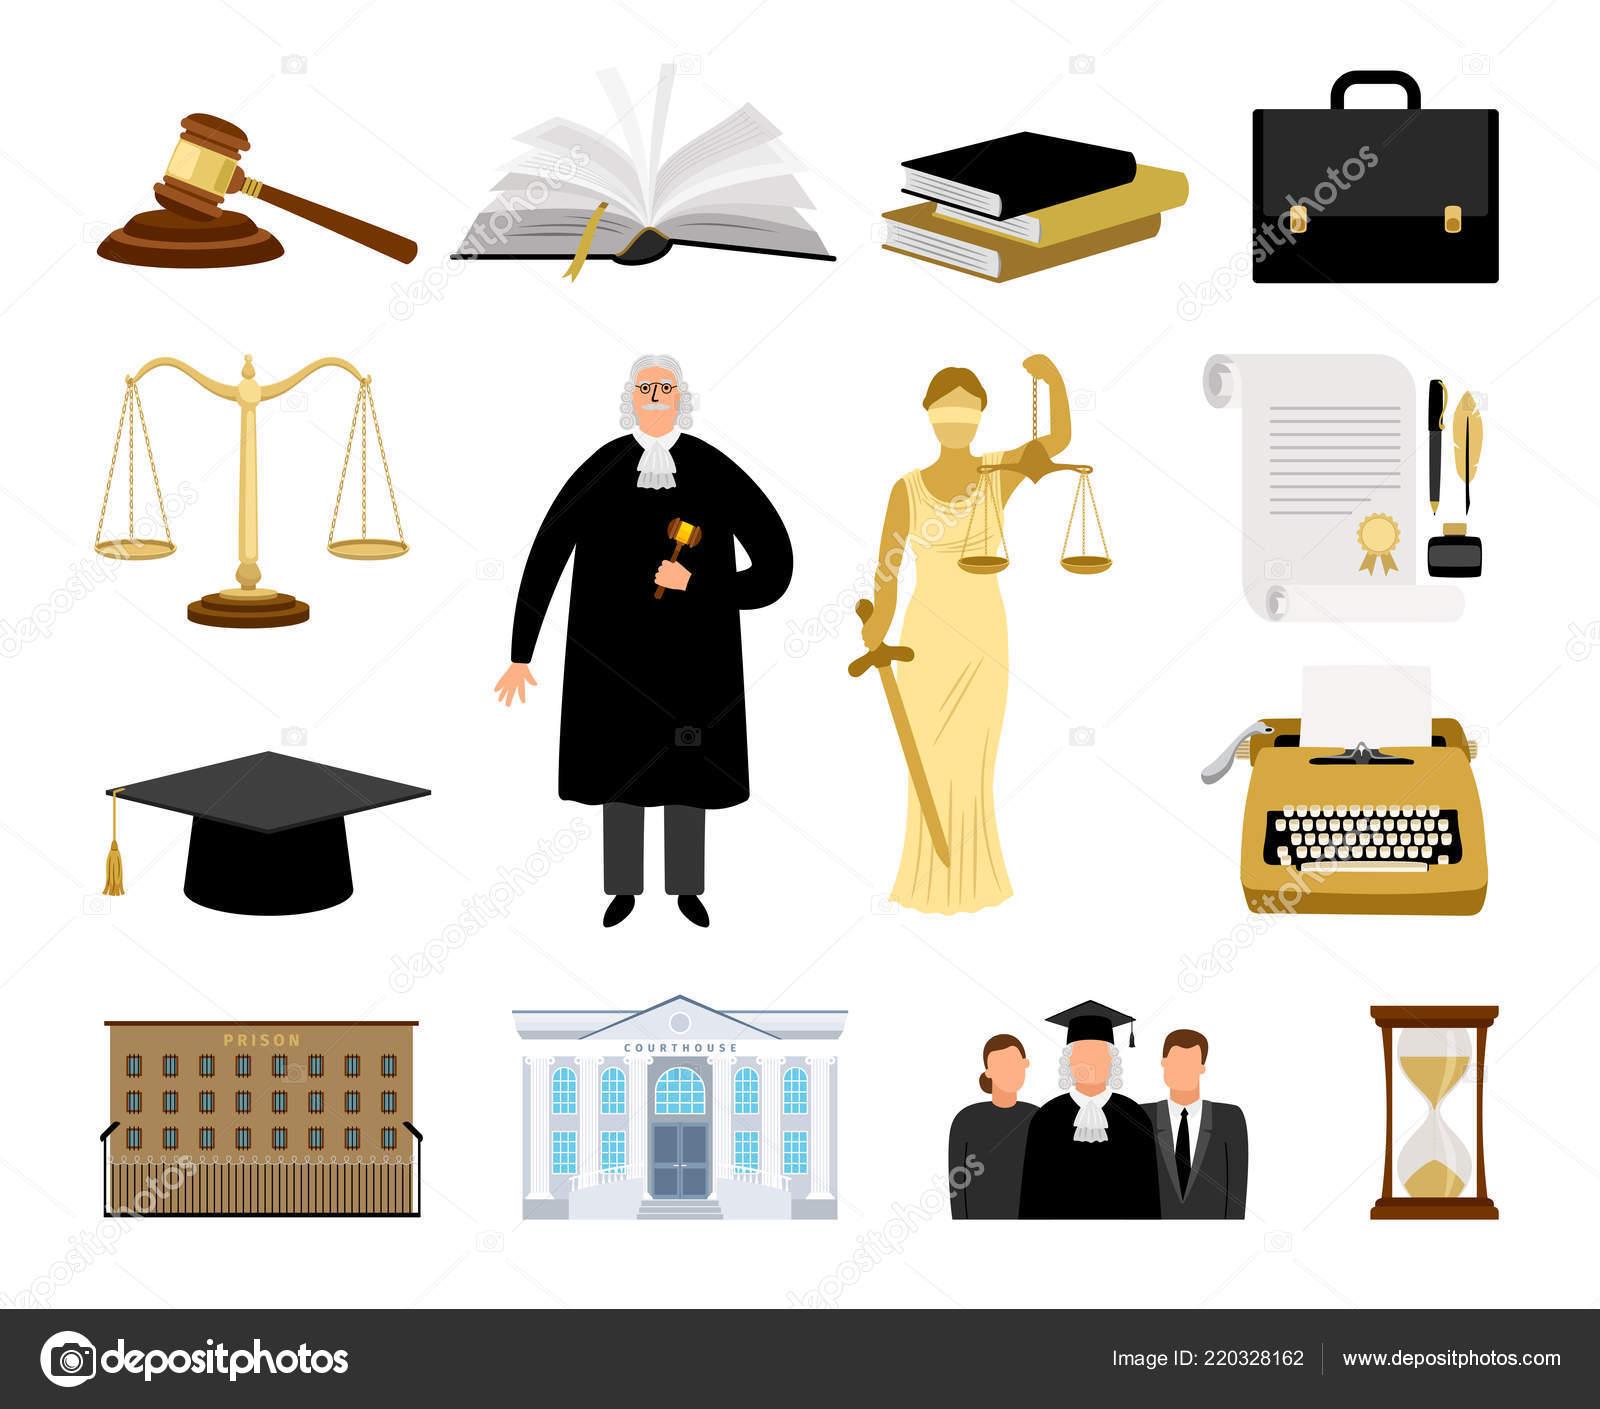 Iconos de la ley y la justicia establecidos. Diseño plano. ilustración  vectorial — Vector de stock © ssstocker #220328162